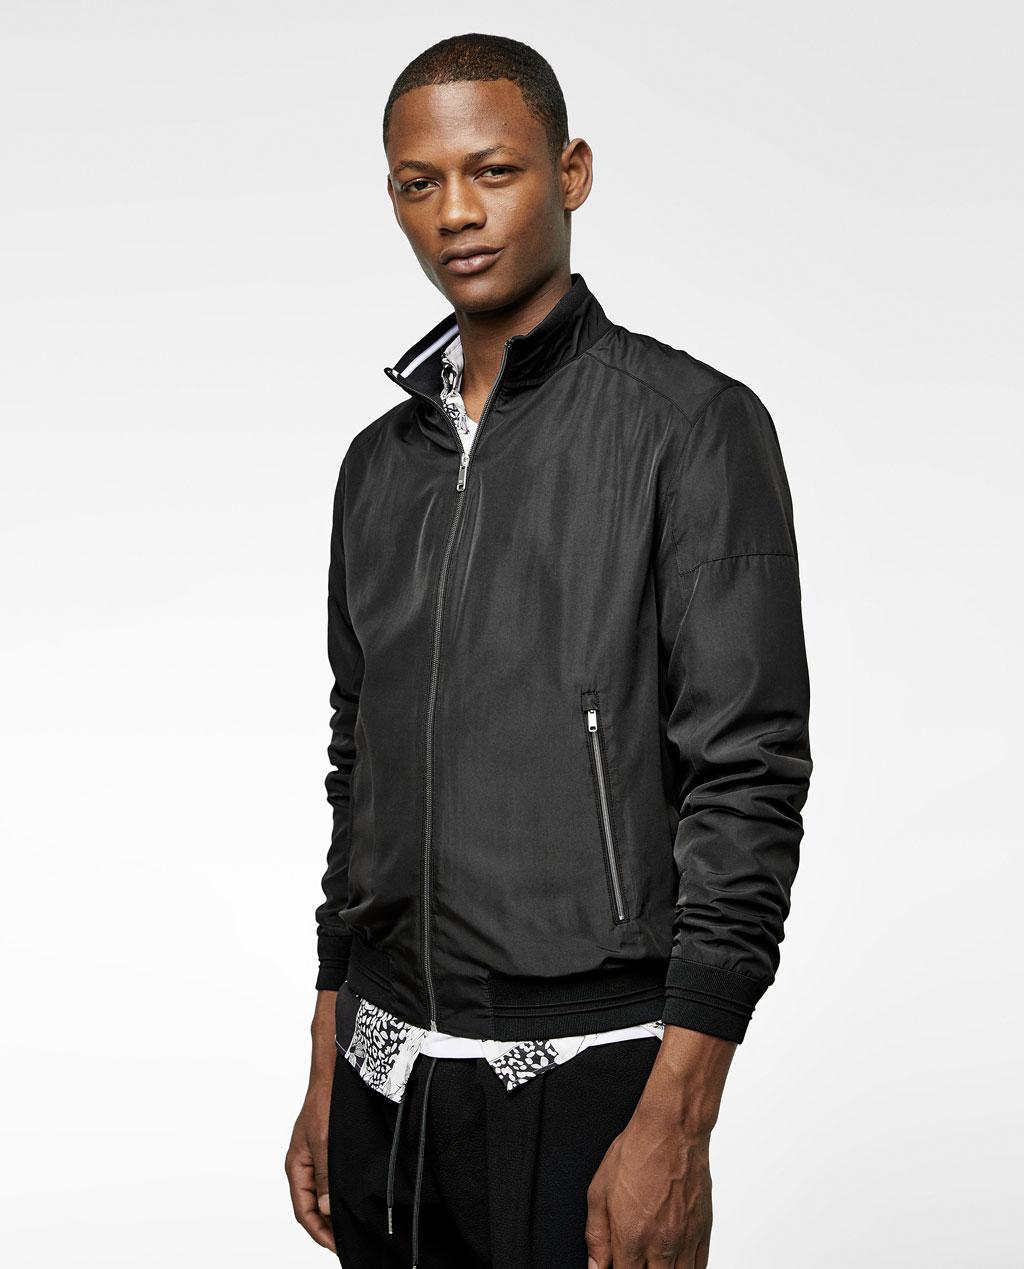 Thời trang nam Zara  23895 - ảnh 4